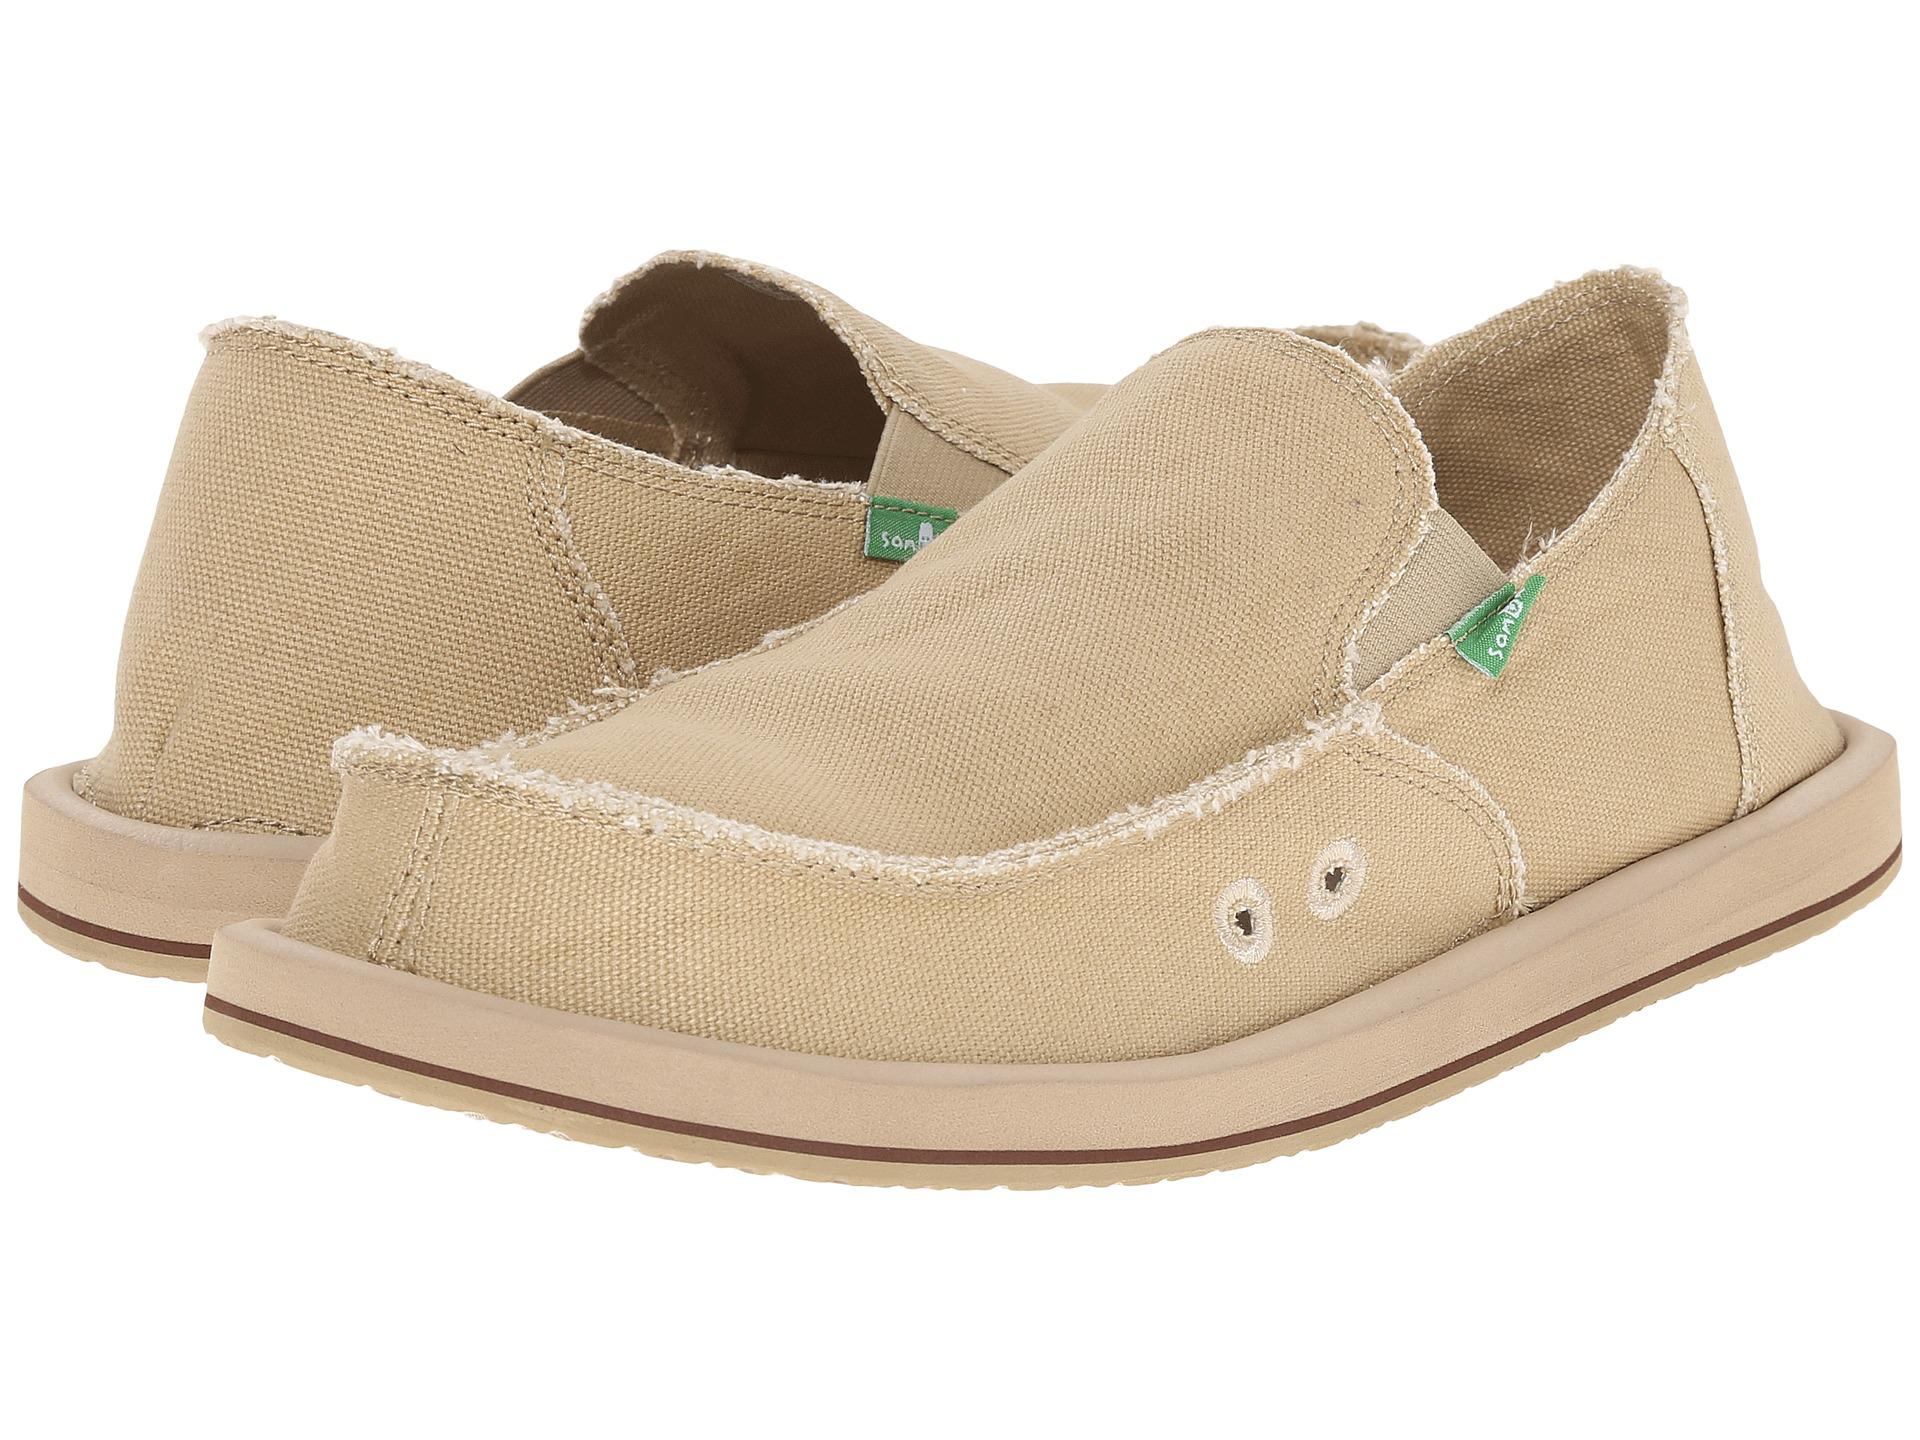 Vagabond Shoes Sale